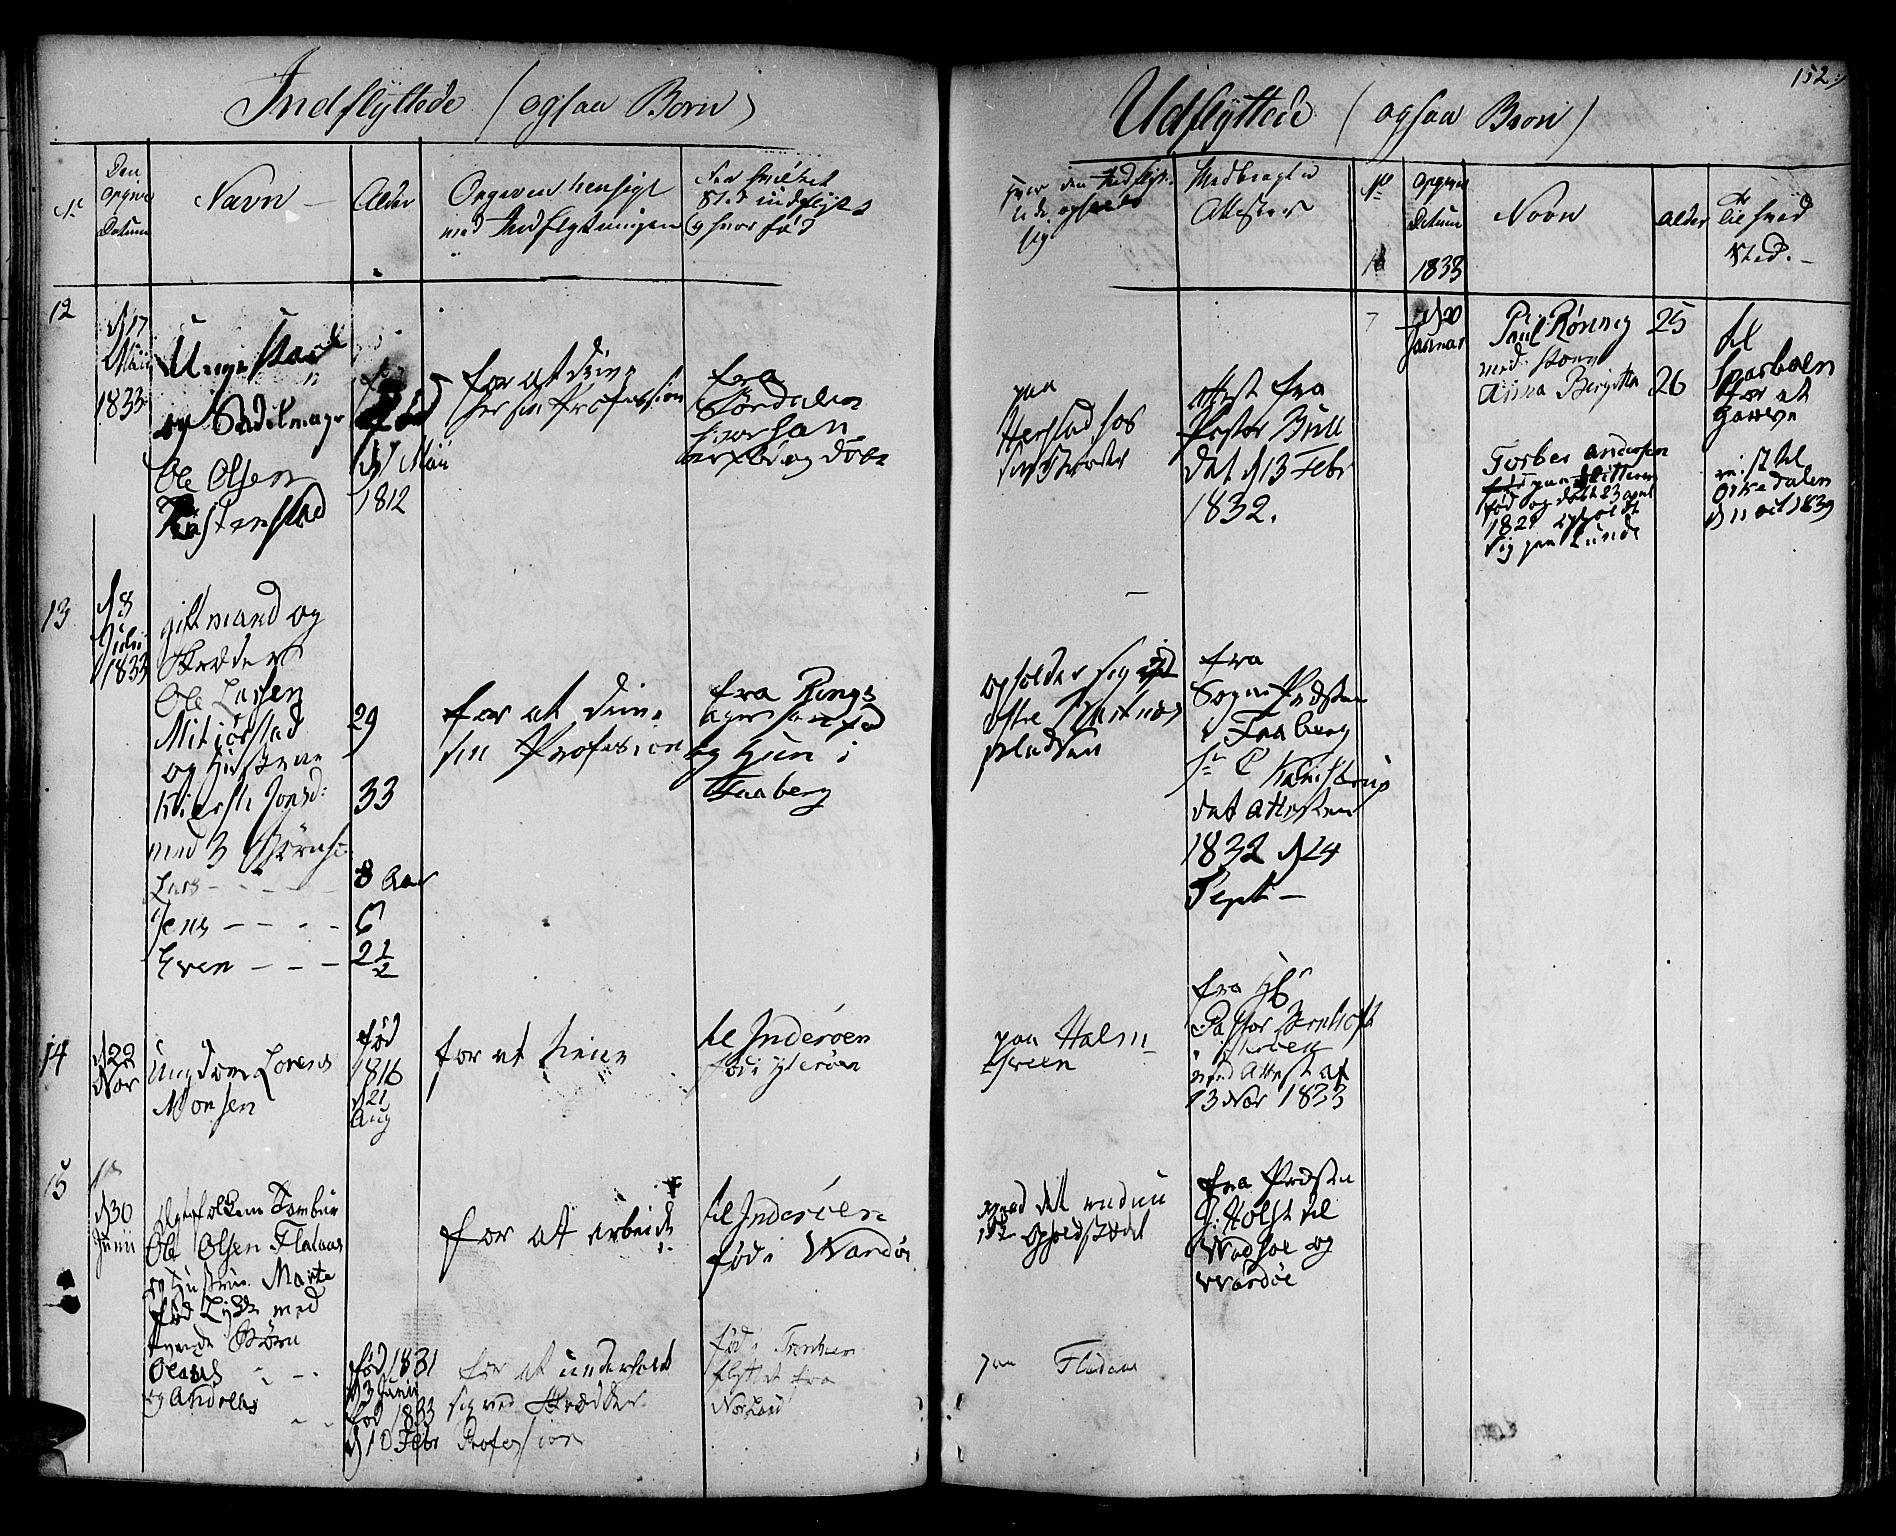 SAT, Ministerialprotokoller, klokkerbøker og fødselsregistre - Nord-Trøndelag, 730/L0277: Ministerialbok nr. 730A06 /1, 1830-1839, s. 152